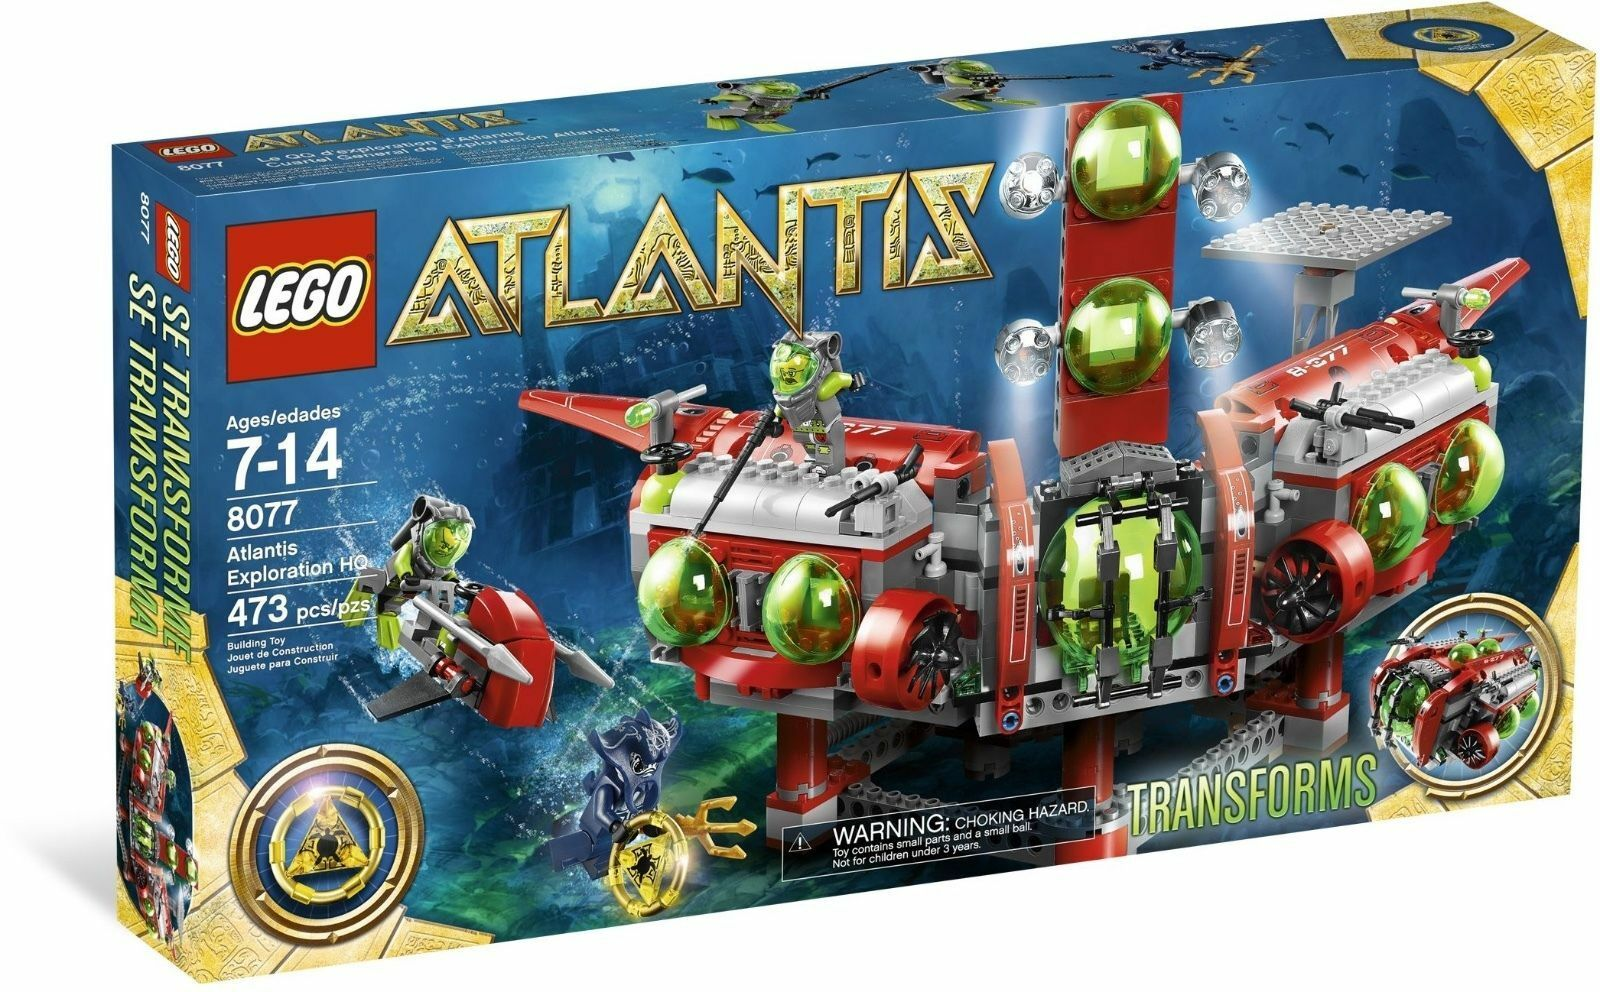 NEW SEALED SEALED SEALED Lego set 8077 ATLANTIS Exploration HQ 34d25f